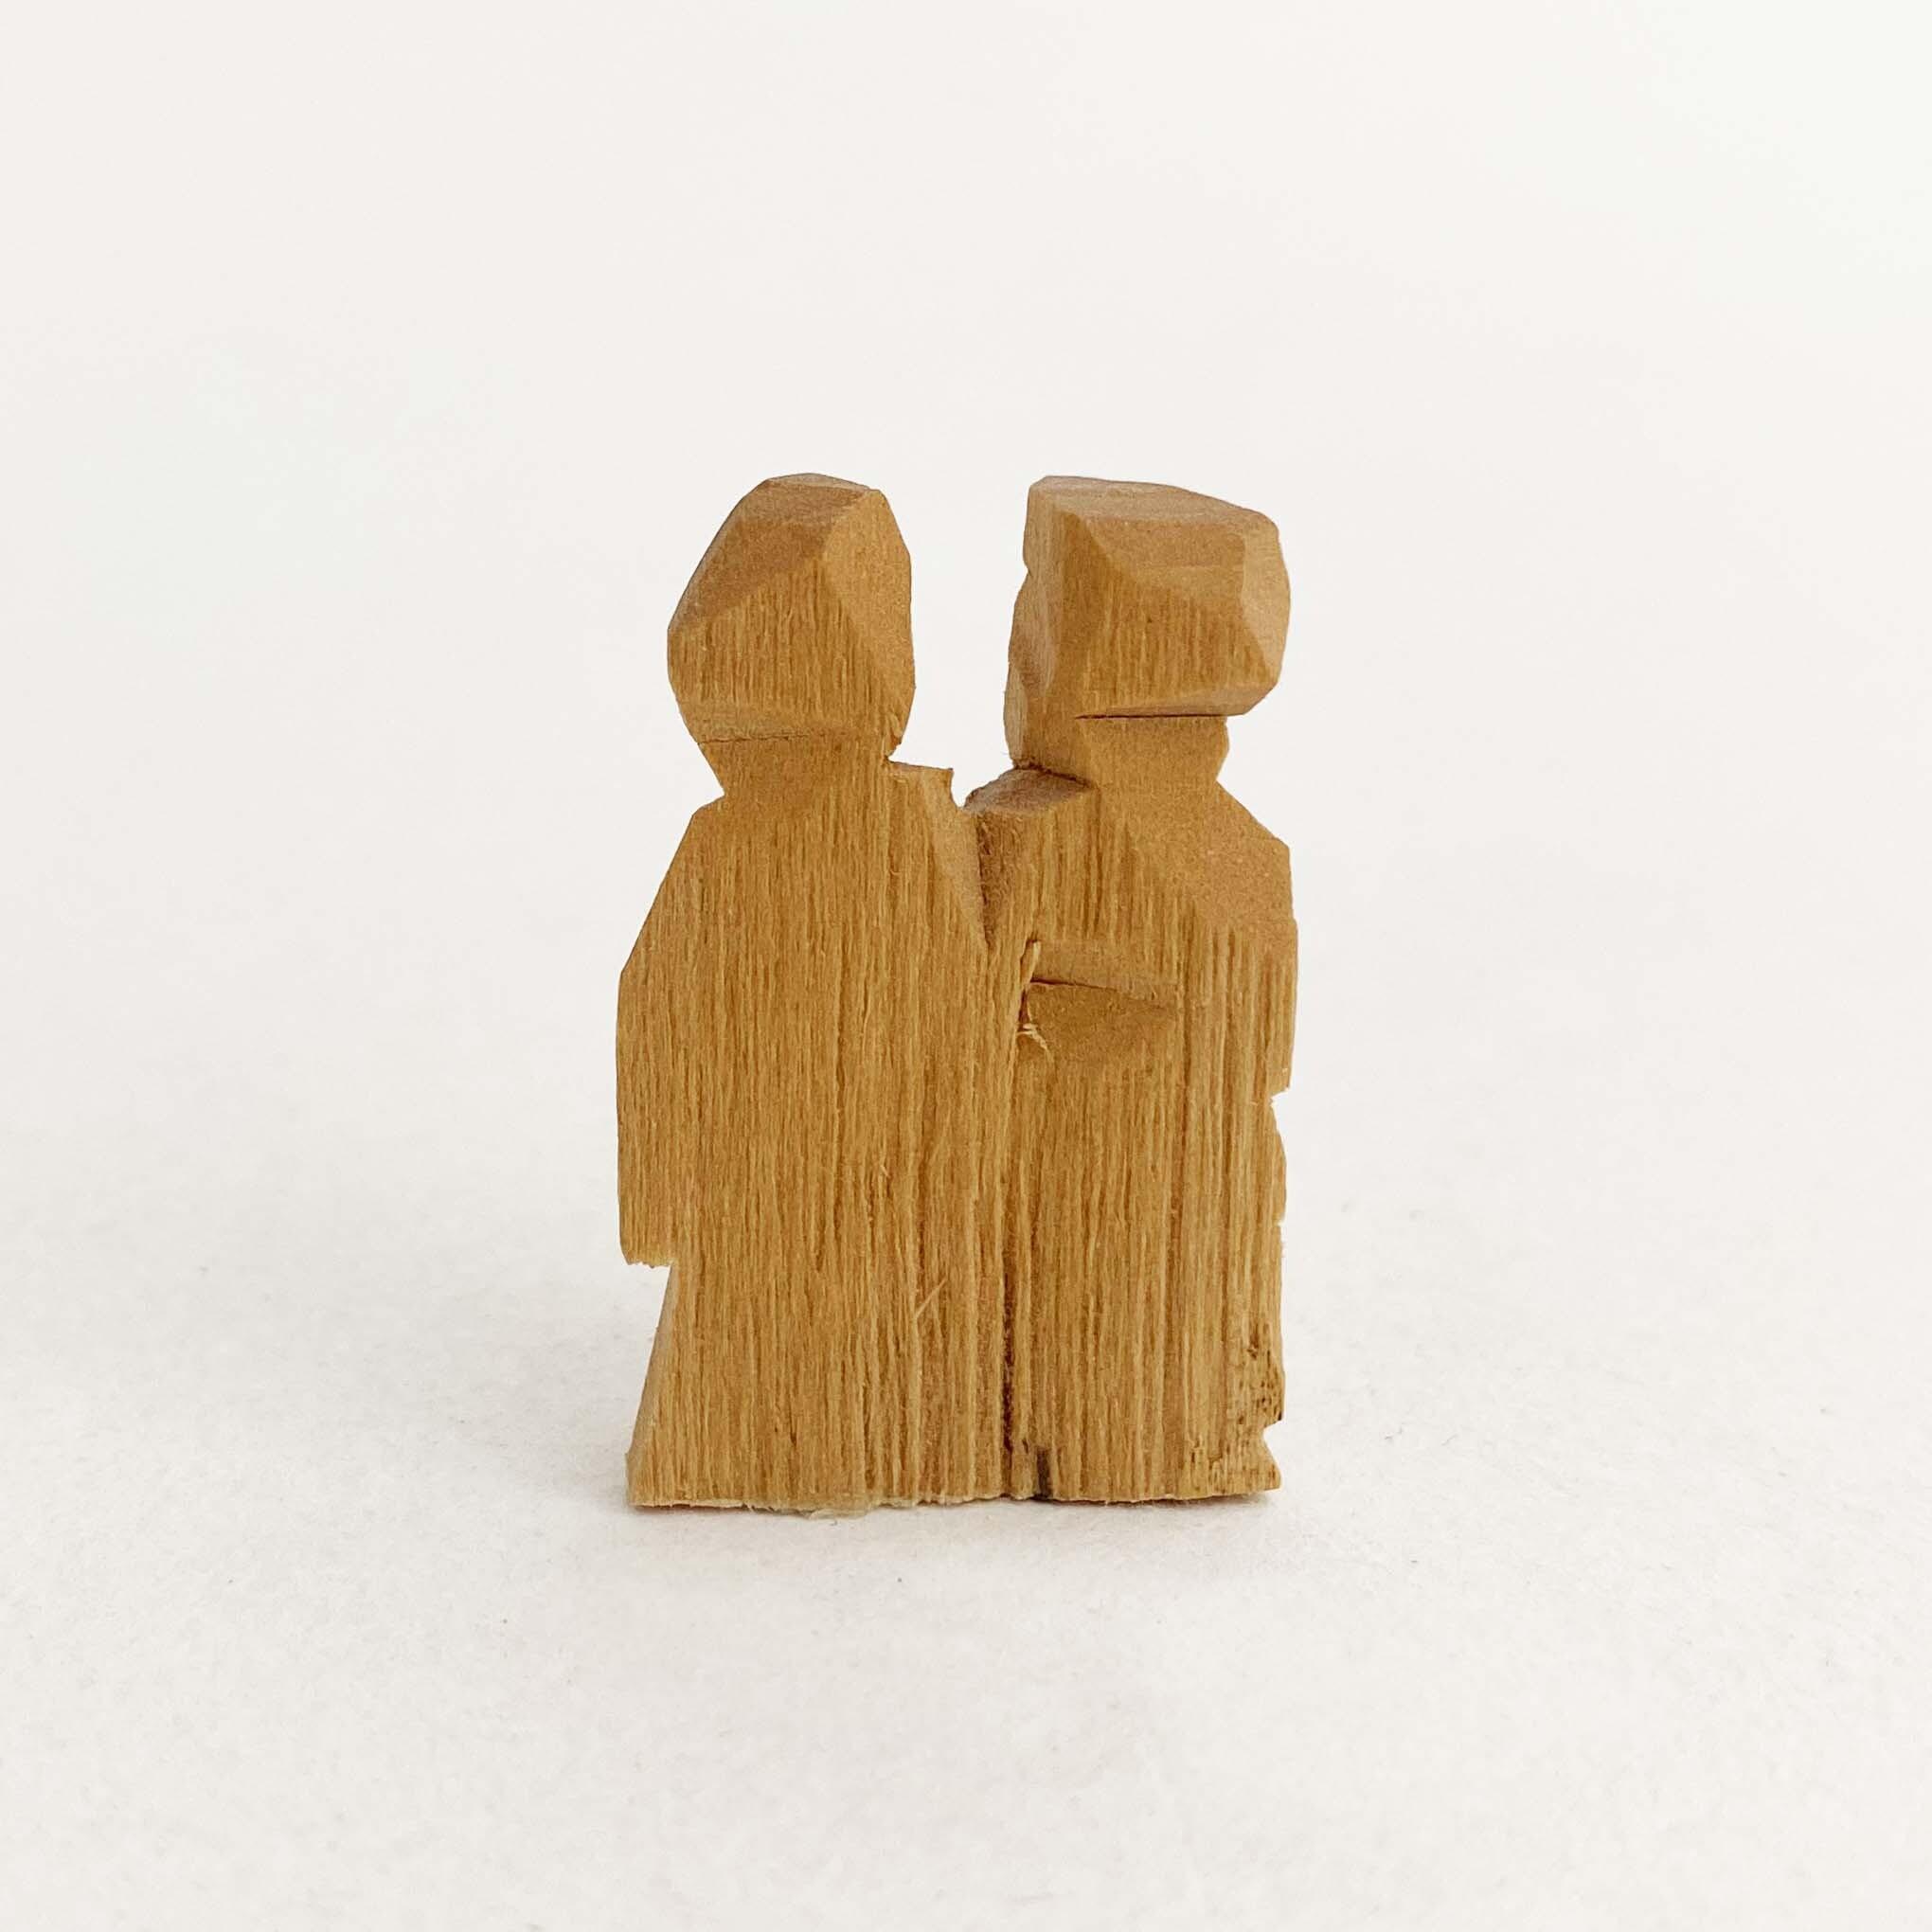 木彫の村人と民家(アレクサンドル・バルガノフ作)